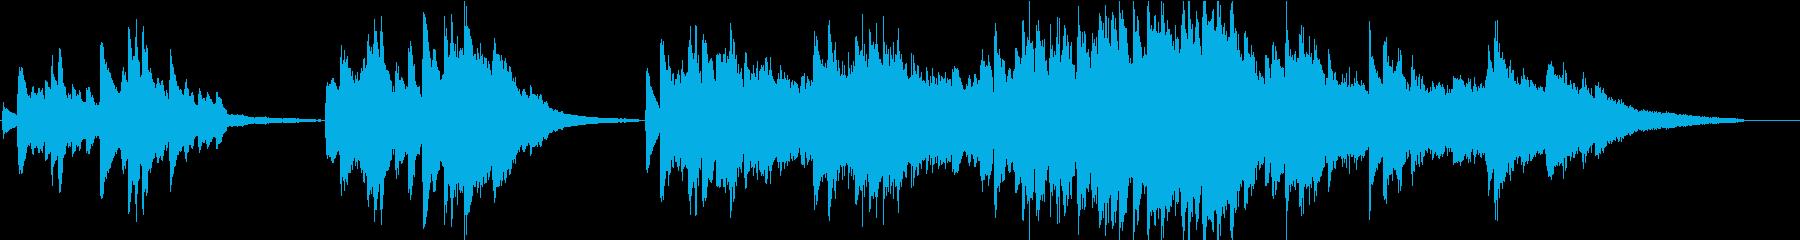 ピアノソロ・浮遊感・幻想的・劇伴の再生済みの波形